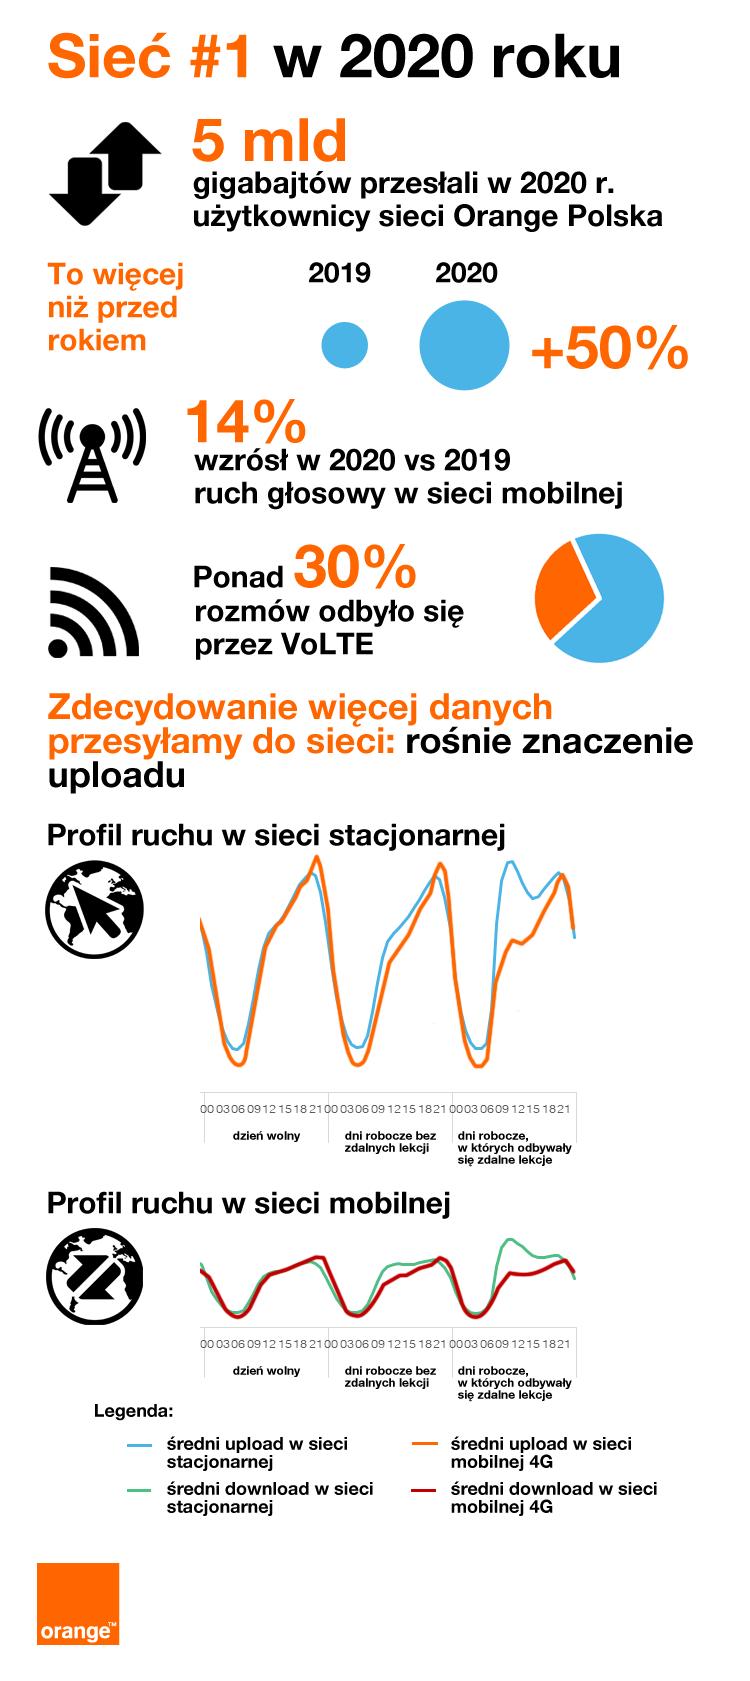 Transfer GB w sieci Orange w roku 2020.